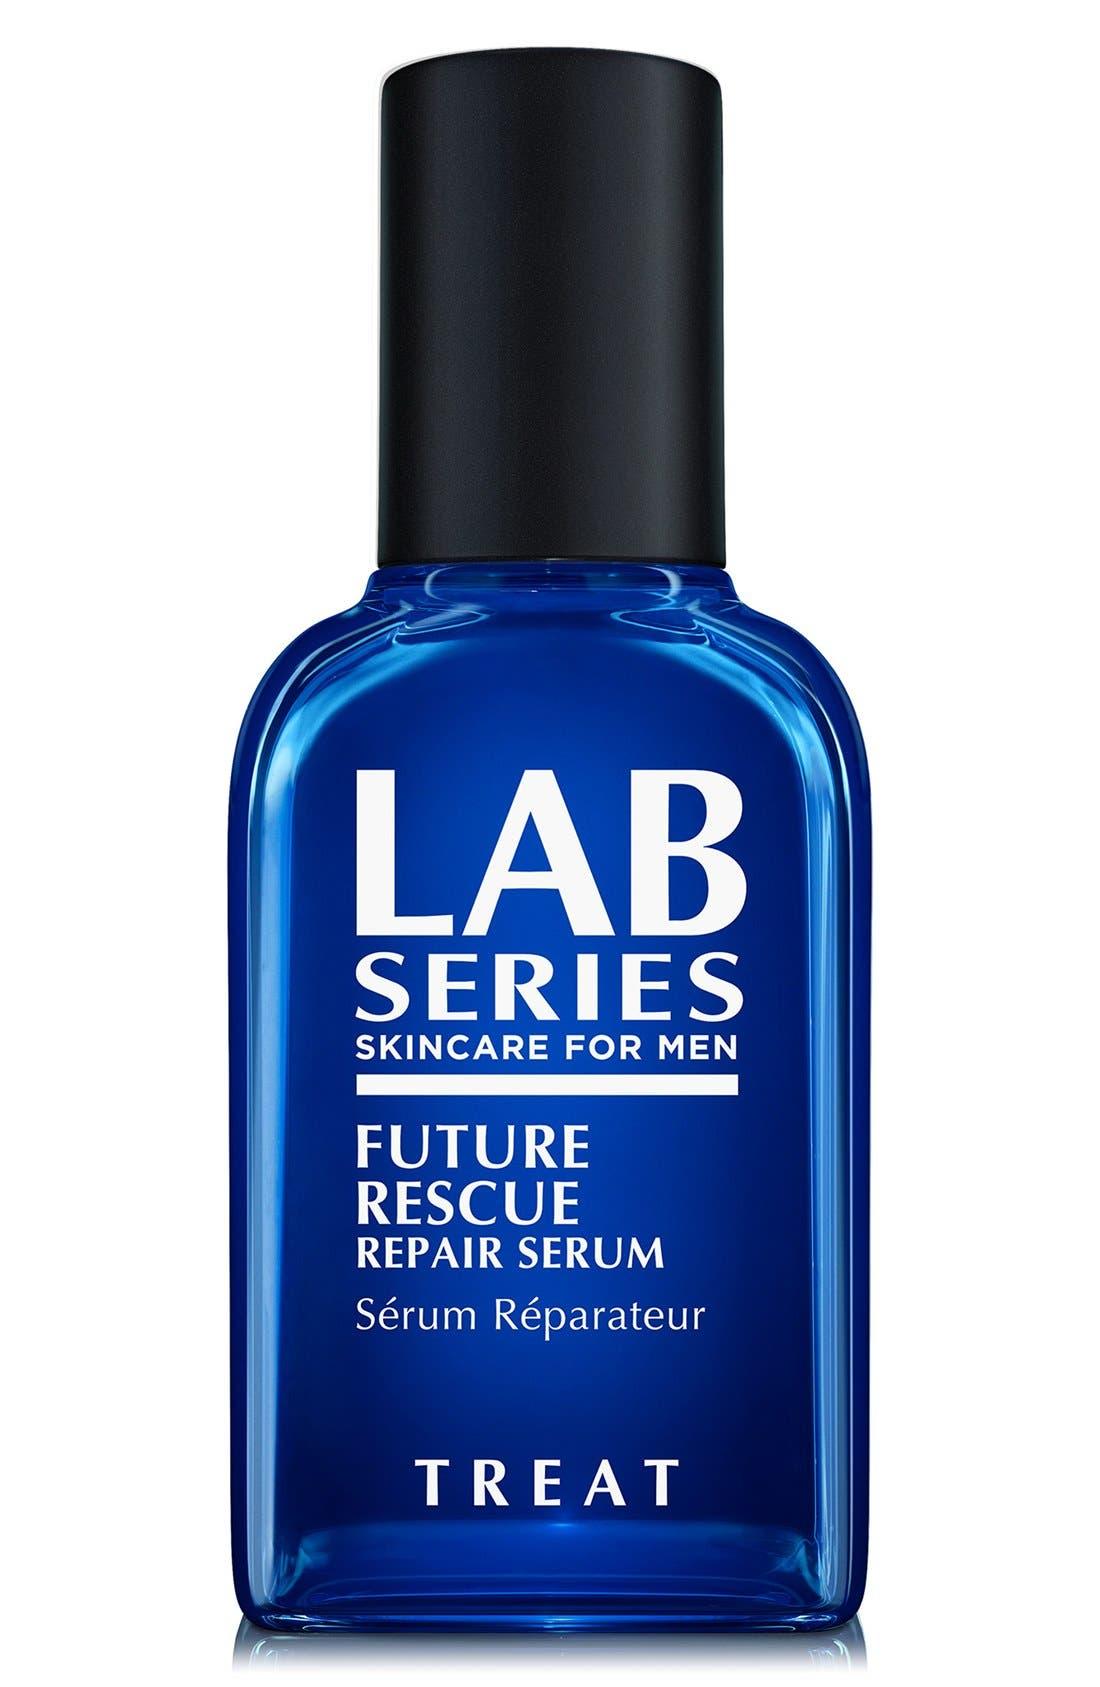 Lab Series Skincare for Men 'Future Rescue' Repair Serum